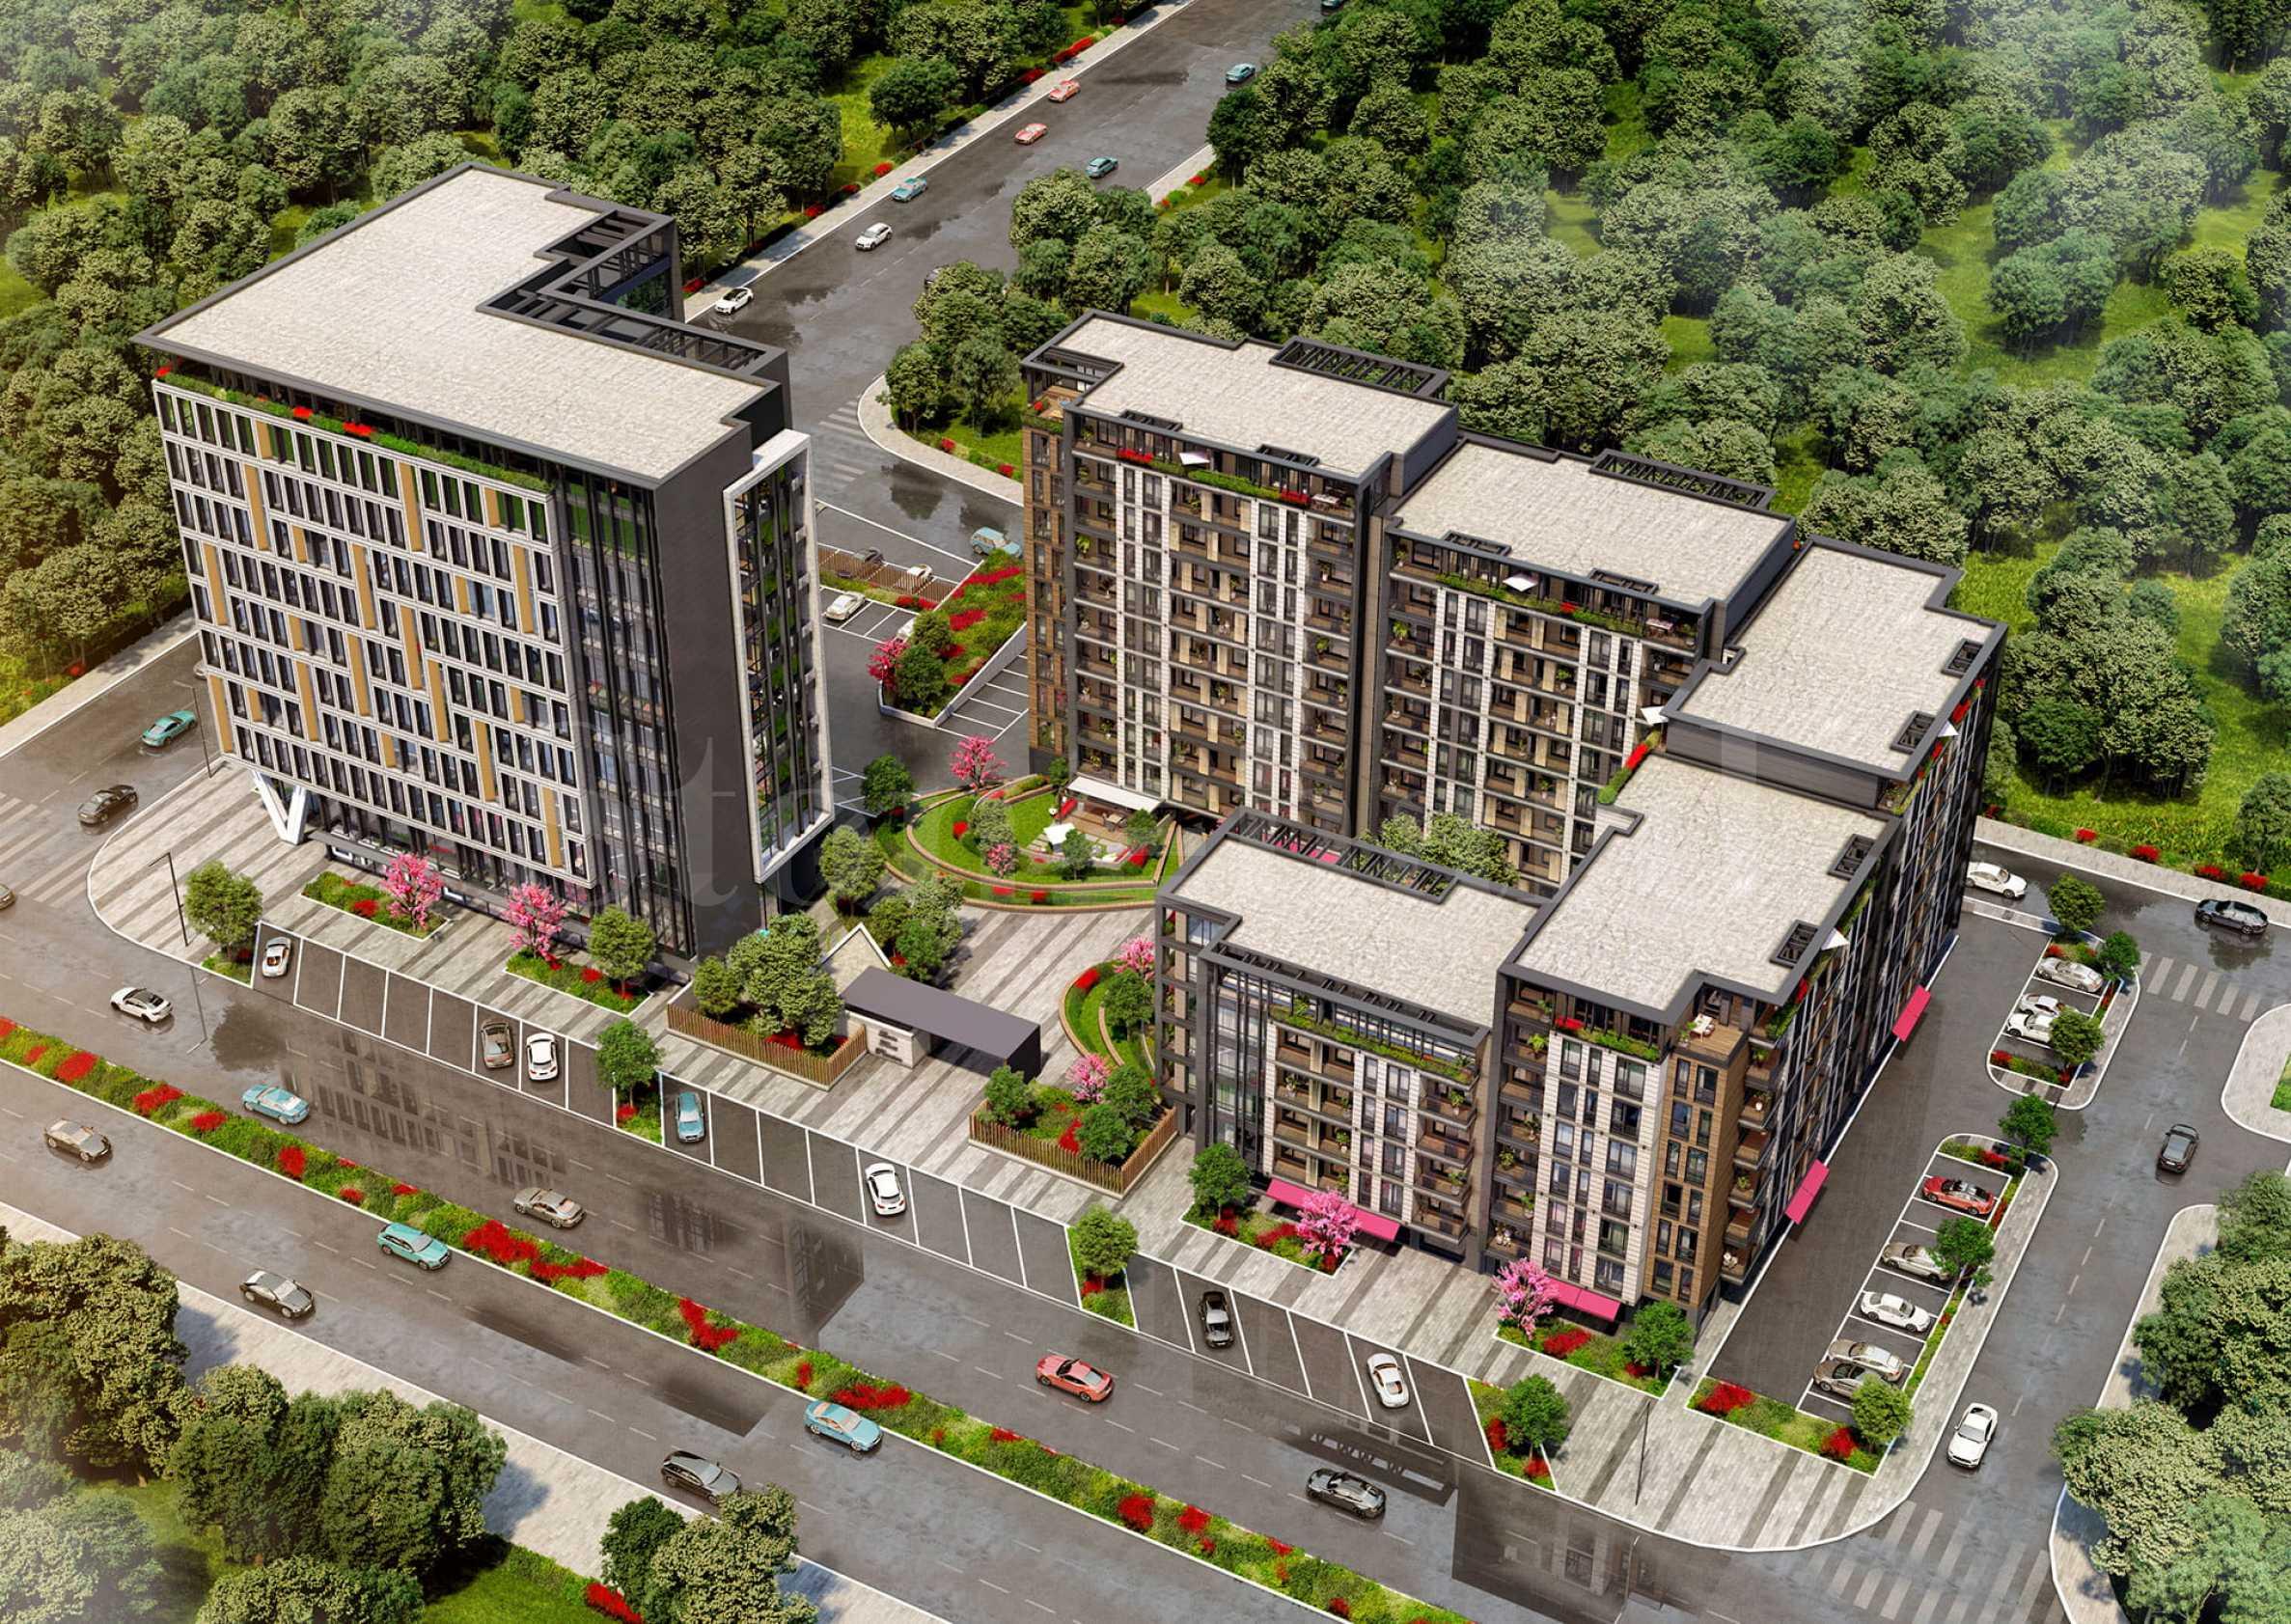 Премиум клас жилищен проект срещу парк с най-голямата зелена площ1 - Stonehard